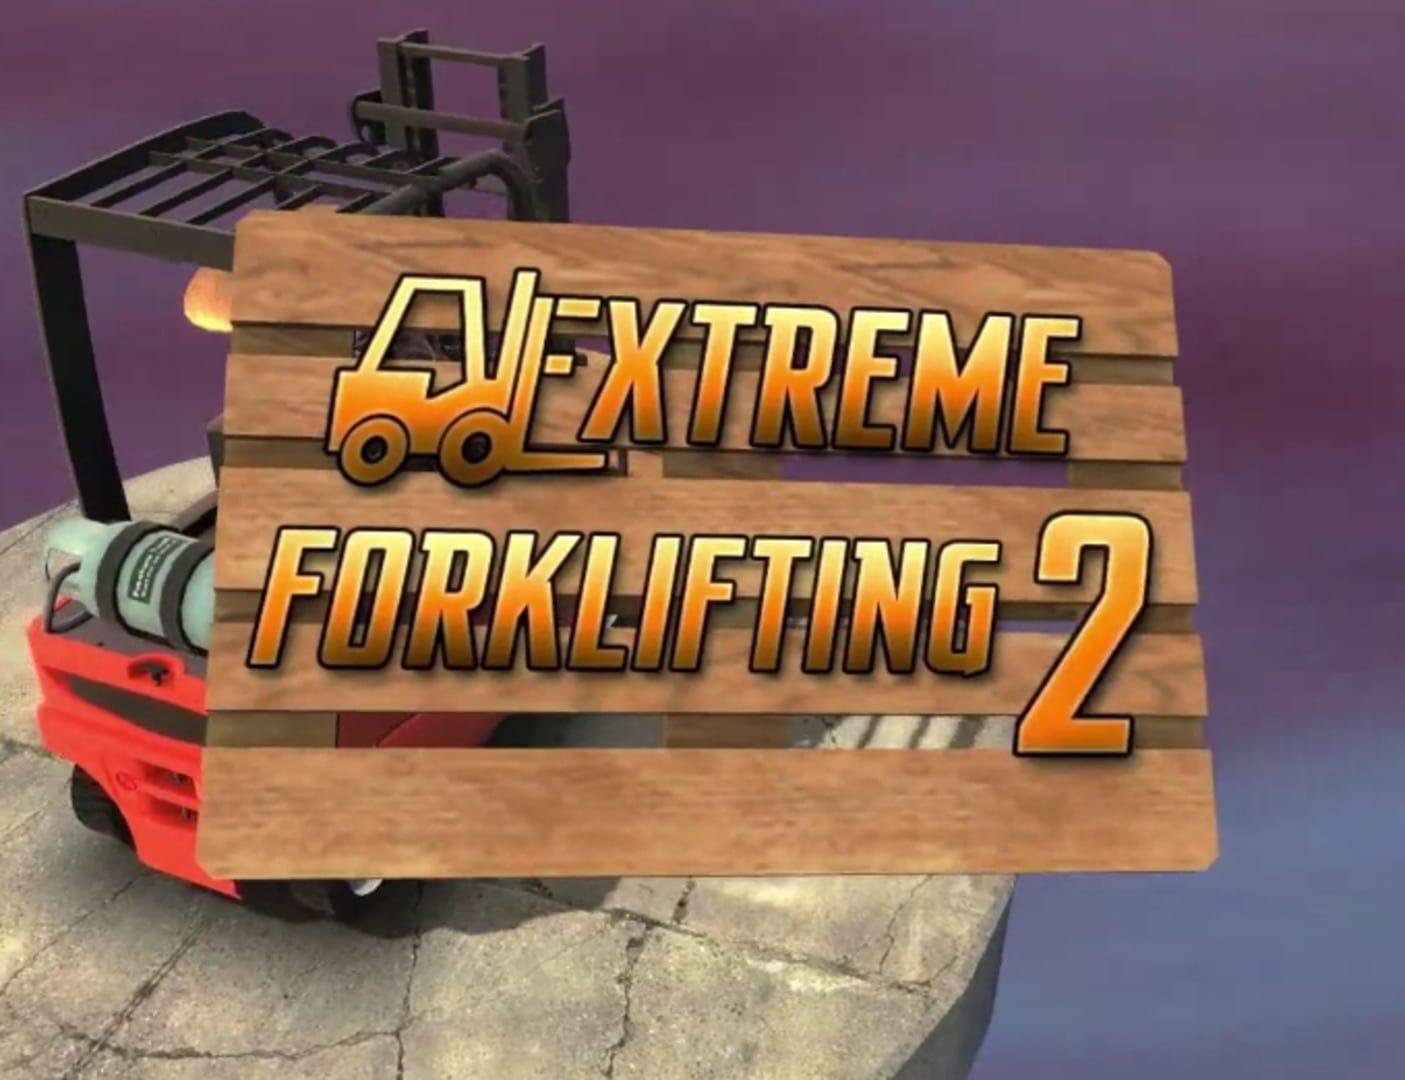 buy Extreme Forklifting 2 cd key for all platform